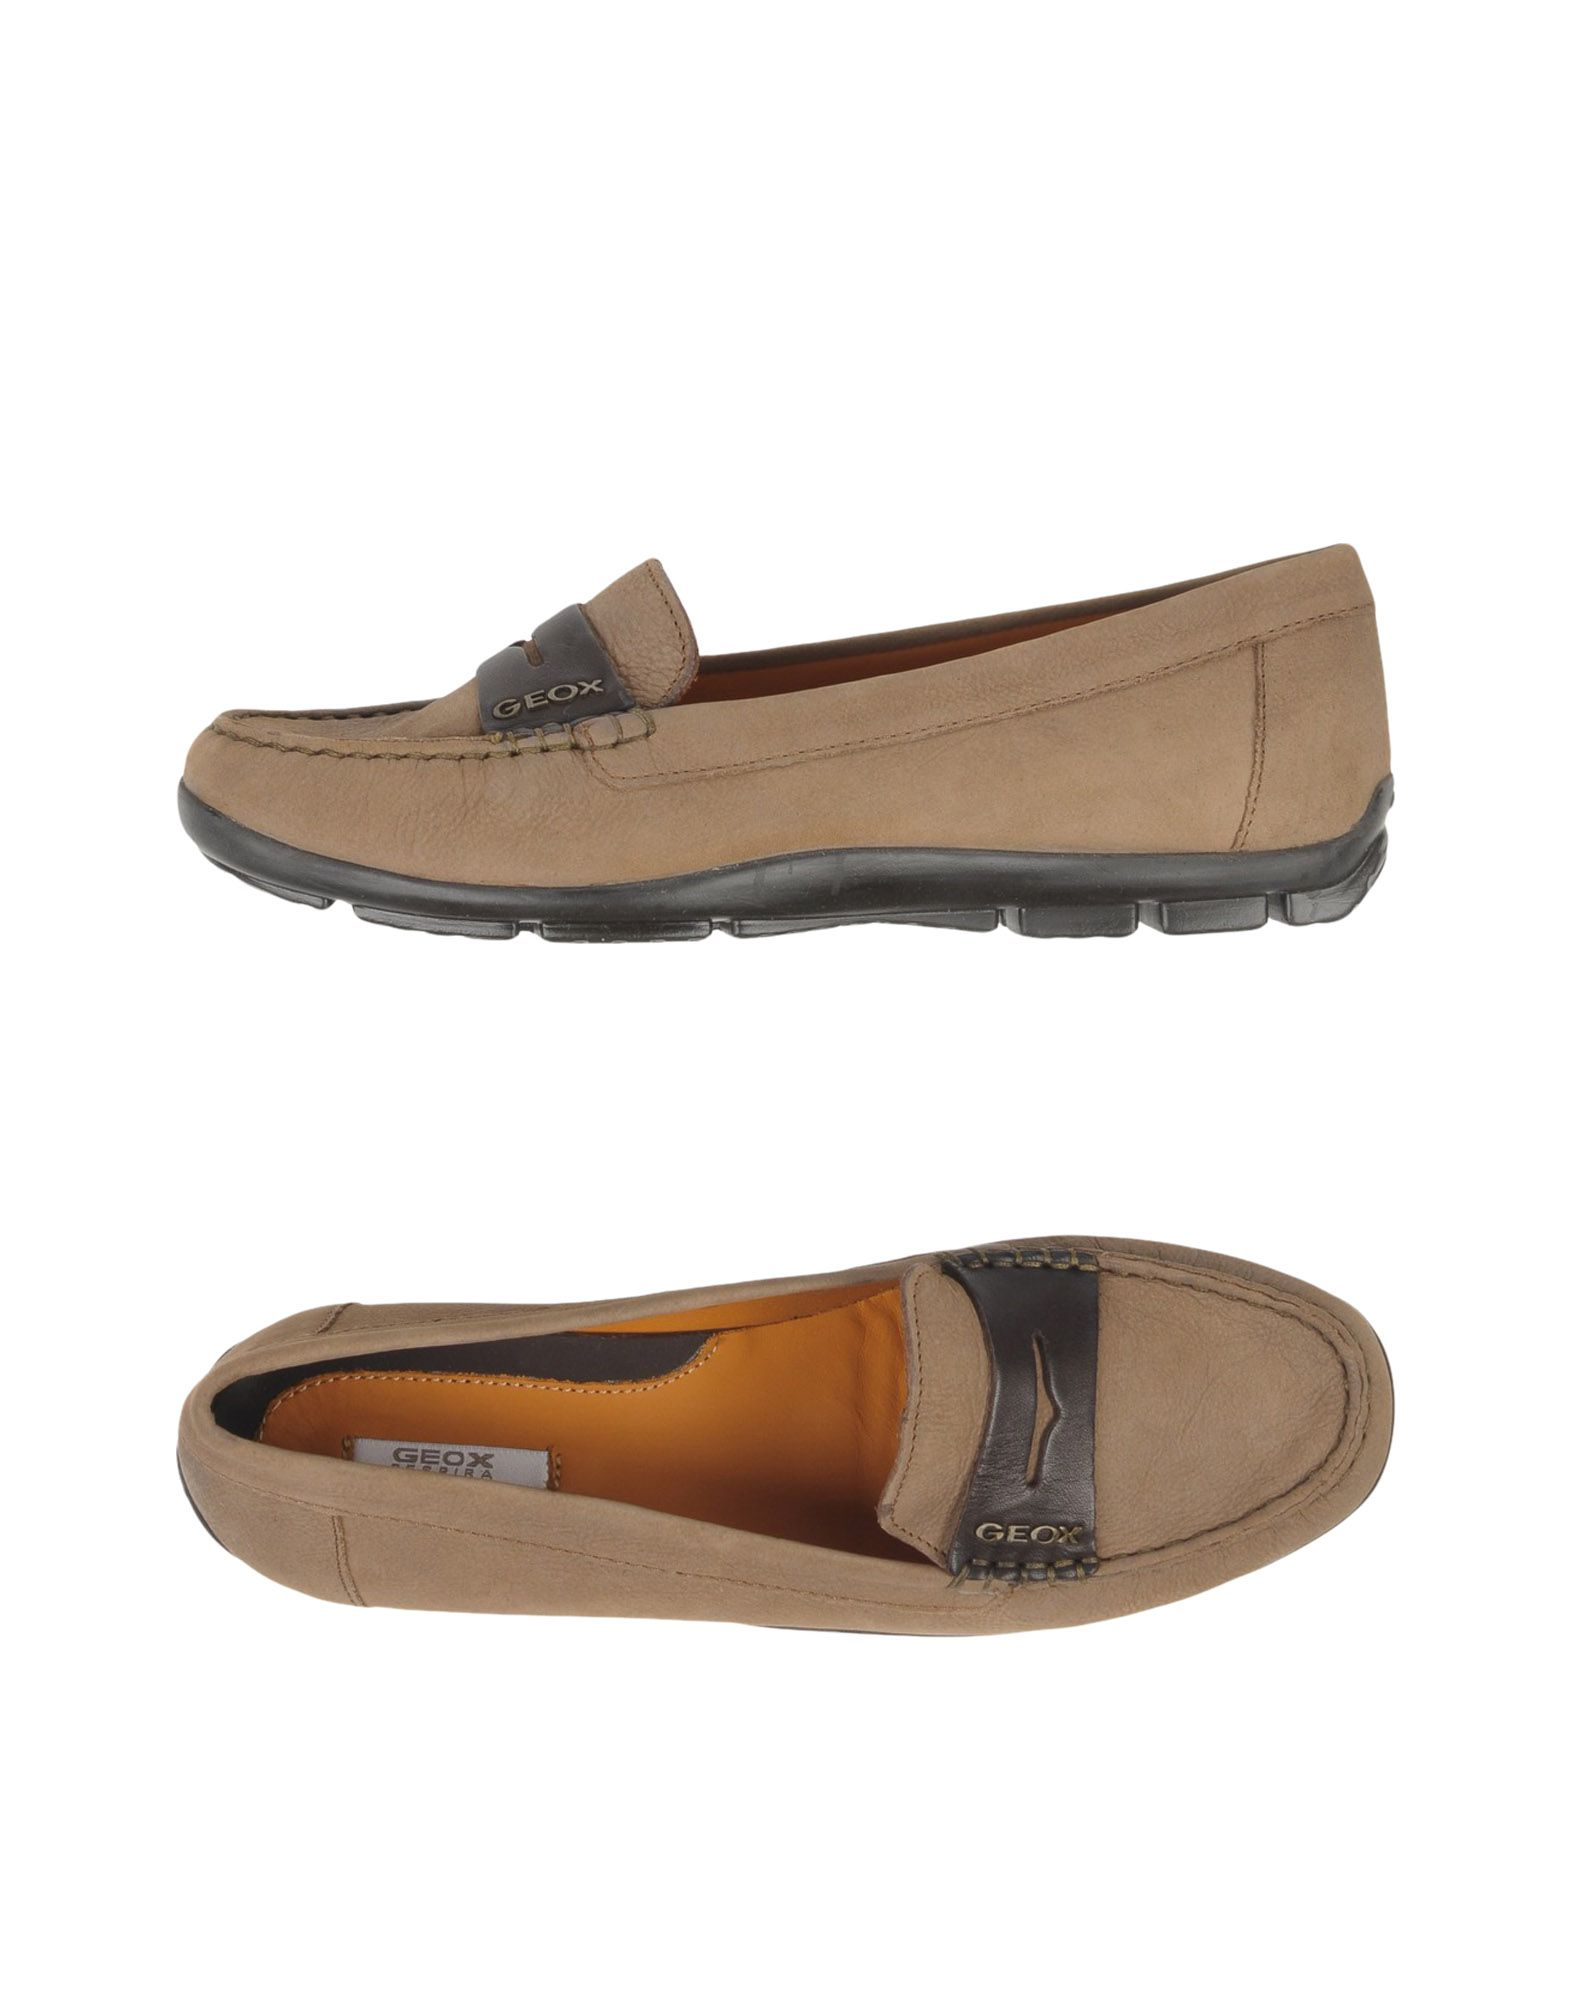 Geox Mokassins Damen  11259475CX Gute Qualität beliebte Schuhe